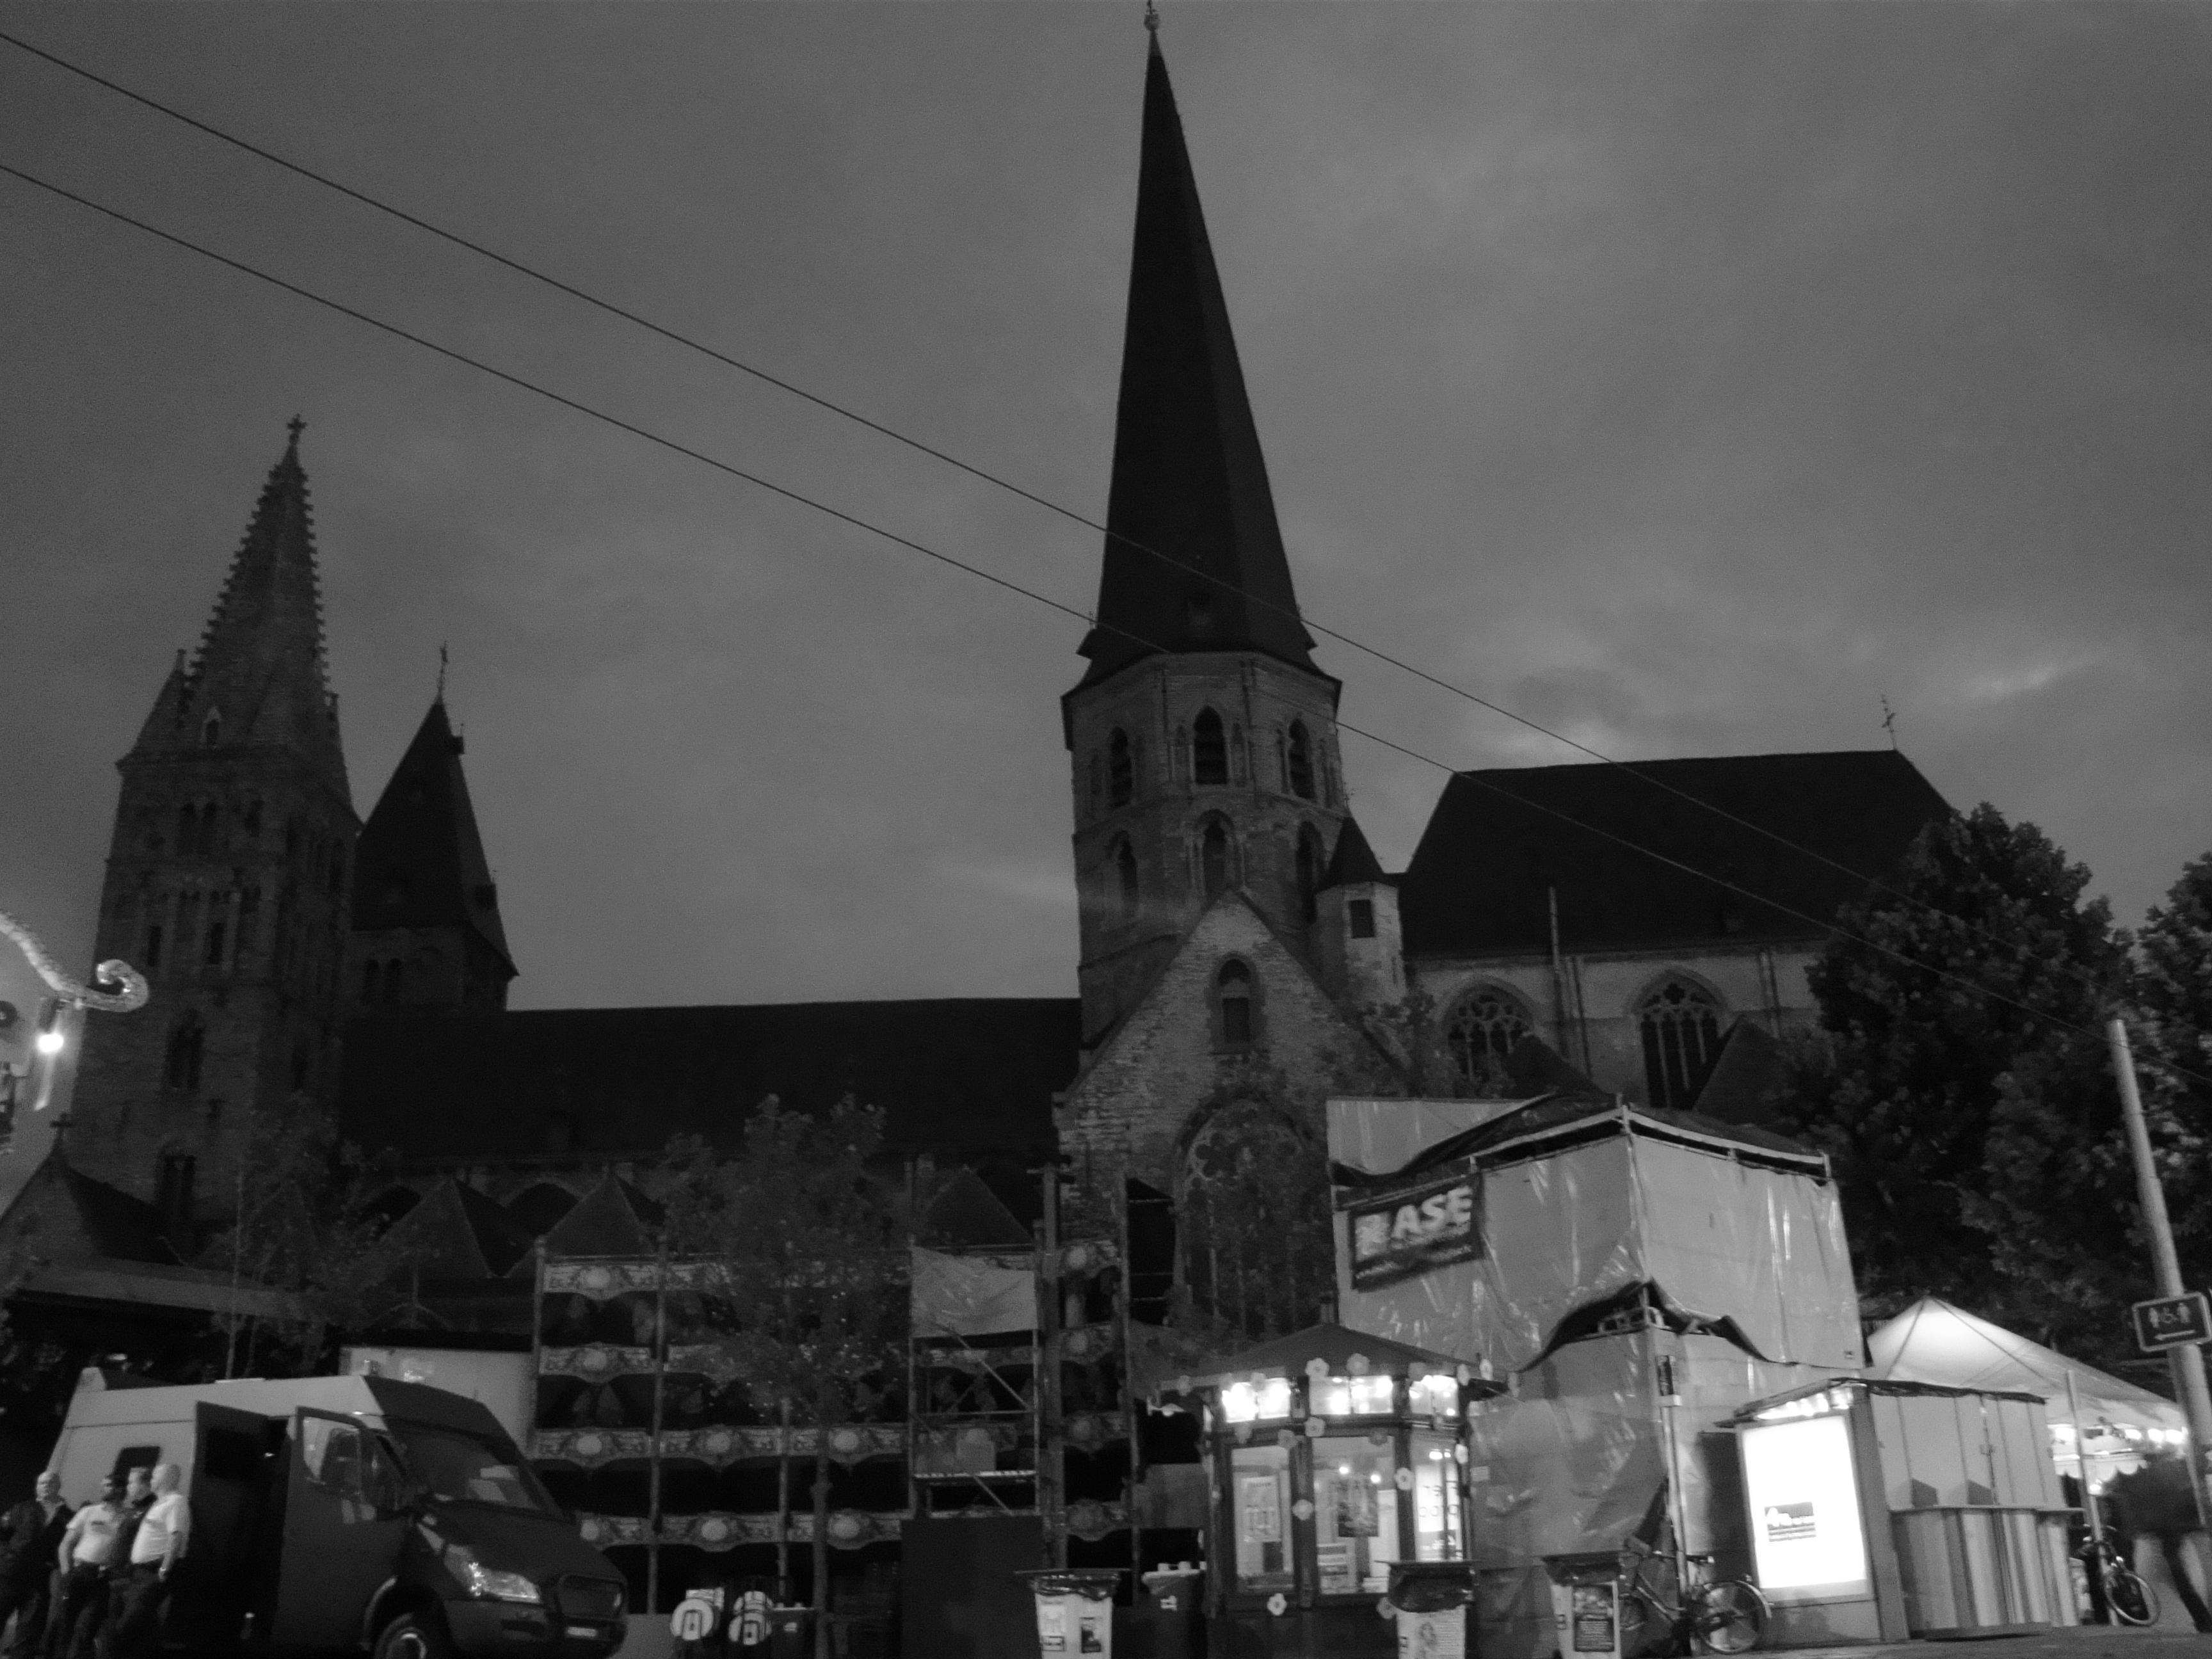 Een roedel flikken houdt de wacht bij 't Sint-Jacobs. Stel je voor dat enkele zatte sjarels er met het podium vandoor gaan!